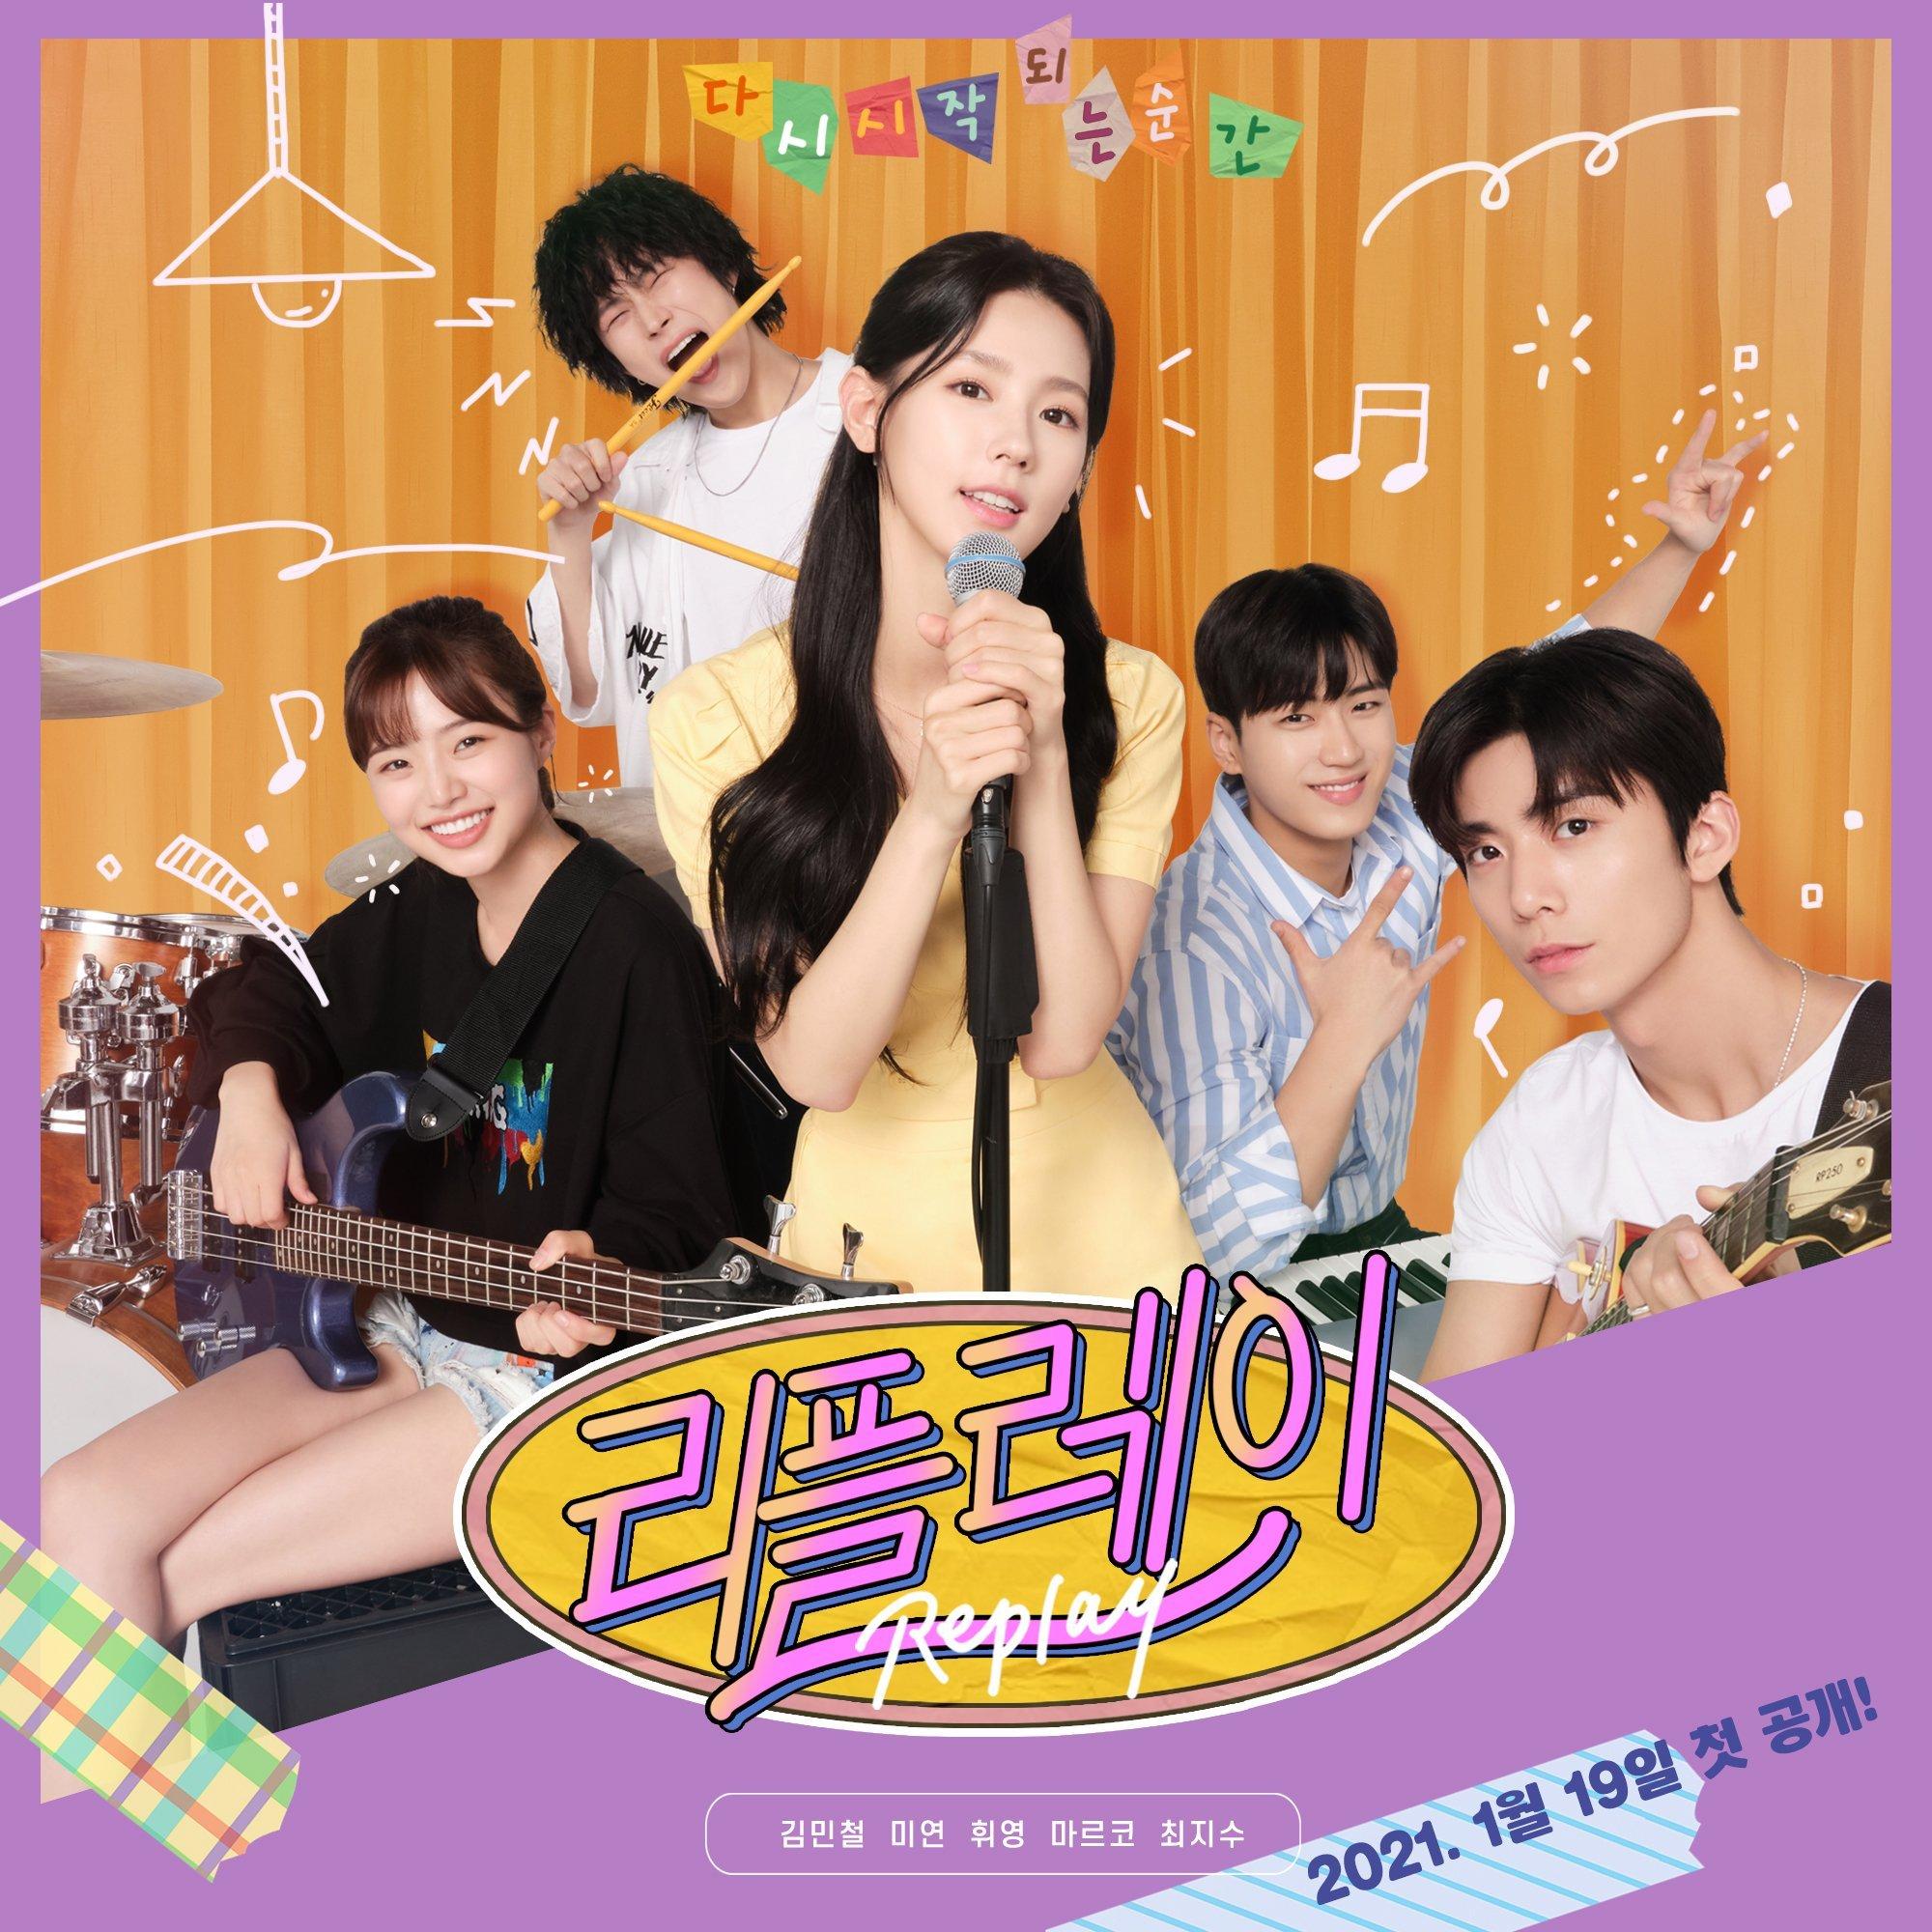 谁会是下一个演技爱豆?2021年这4位韩国偶像首次担任影视剧主演,你看好她们吗?插图12